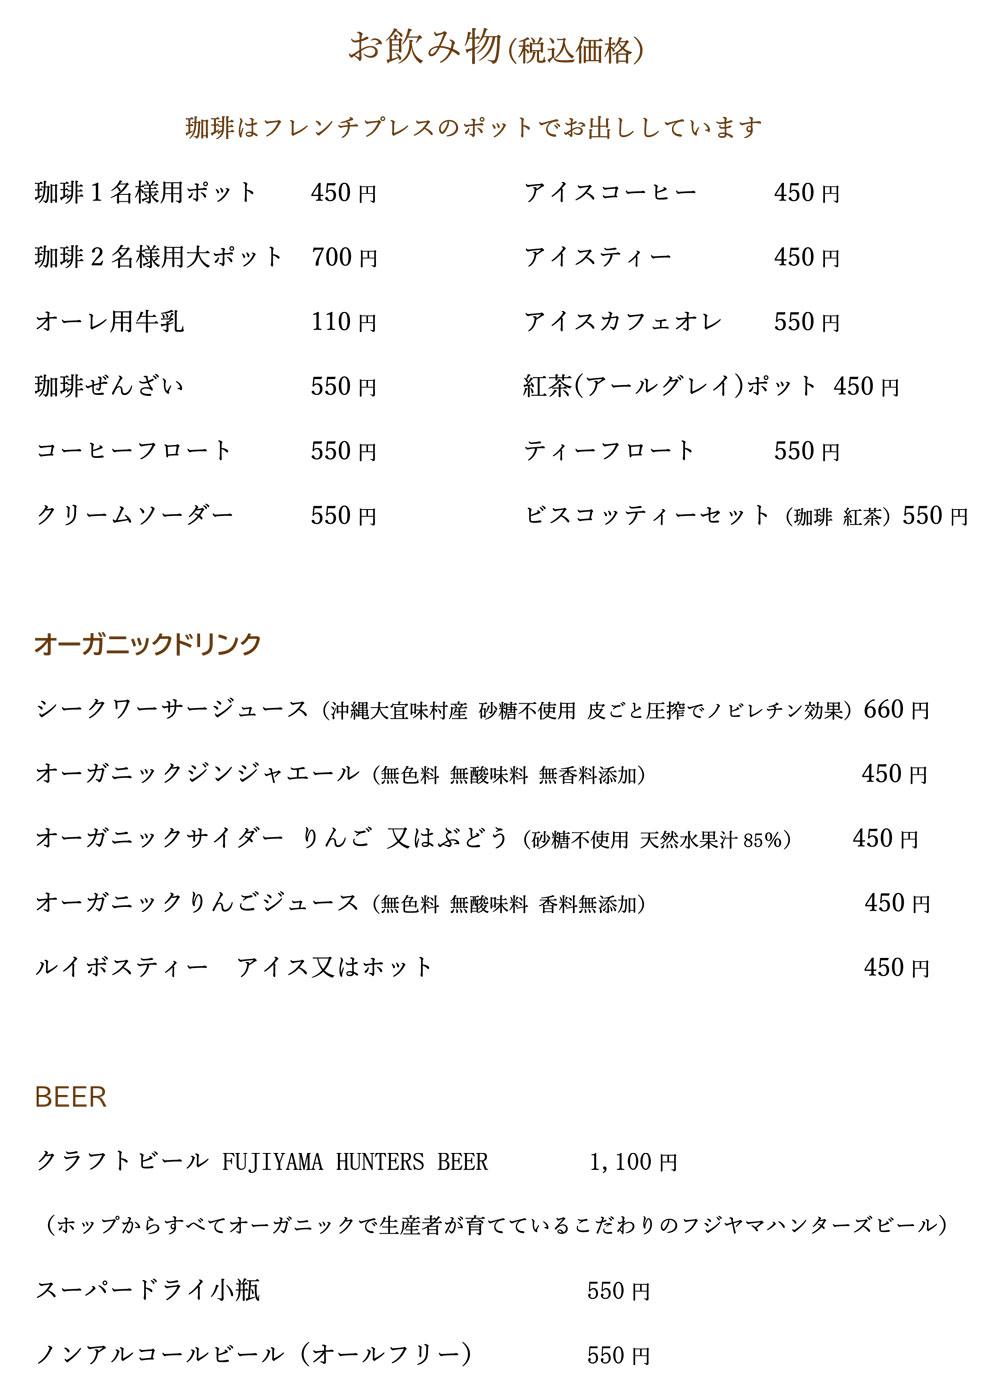 お飲み物(税込価格)